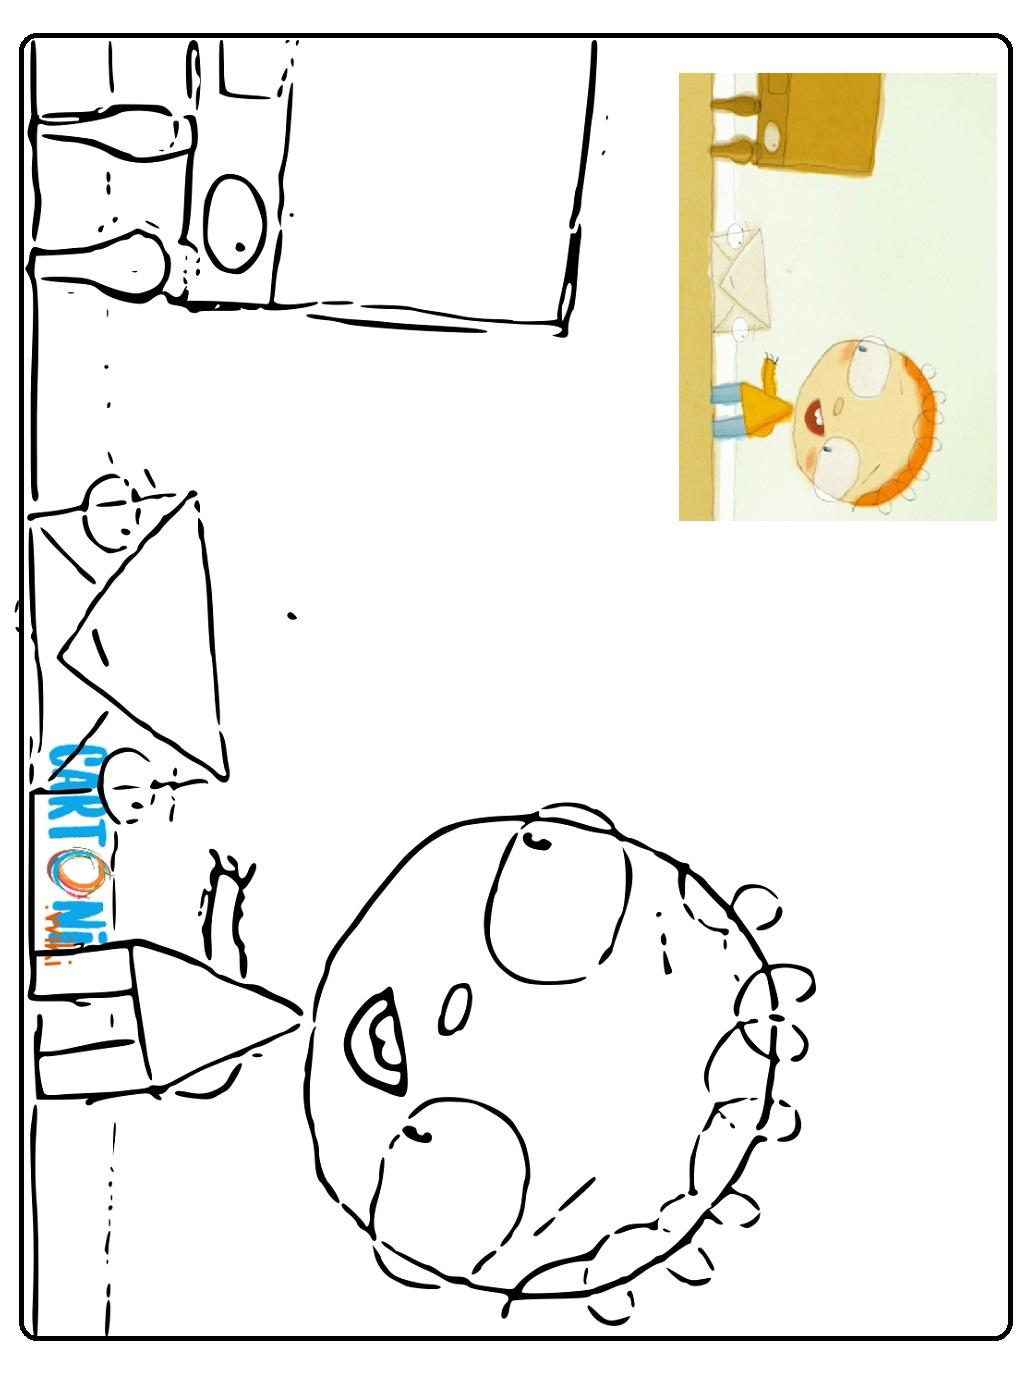 Disegni il giorno in cui Henry incontrò - Disegni da colorare